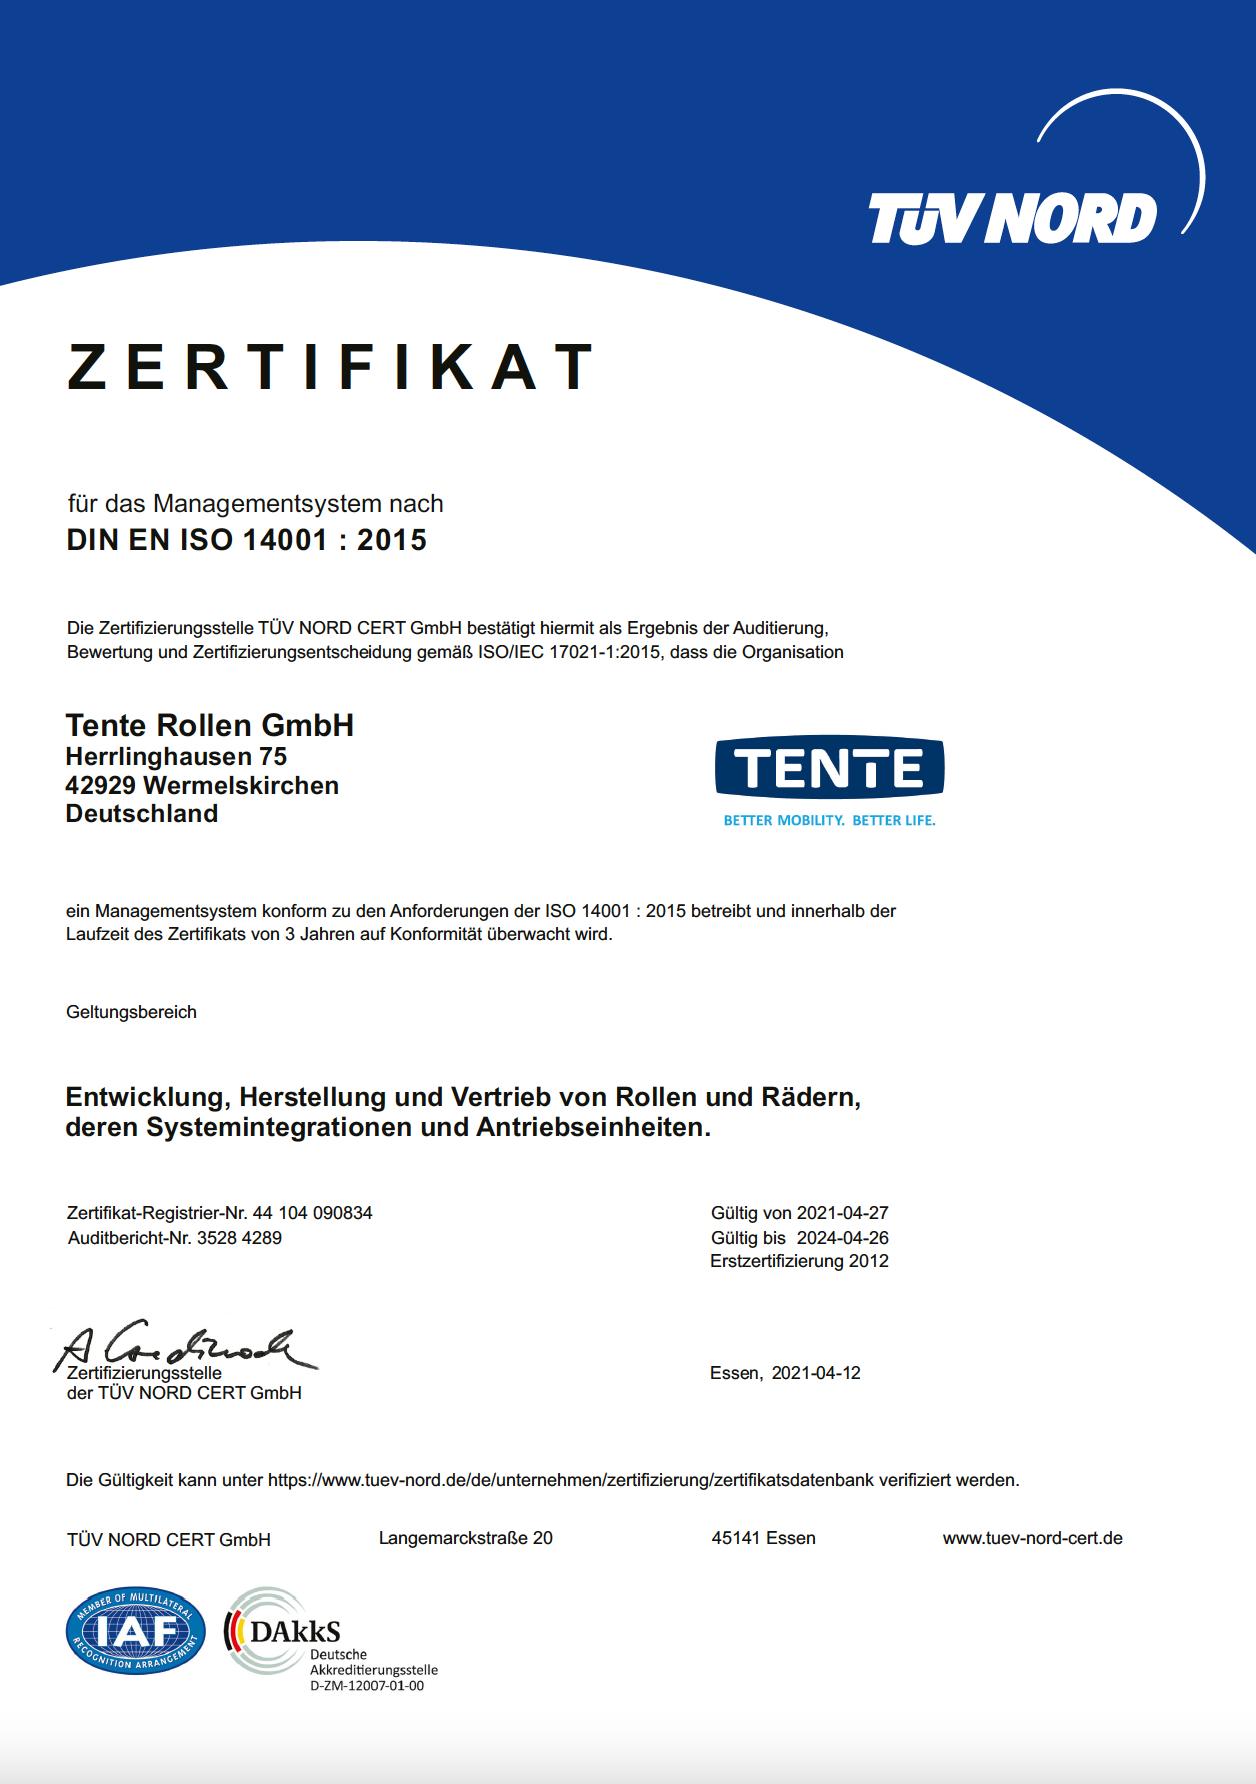 Zertifikat ISO 14001 - TENTE Rollen GmbH